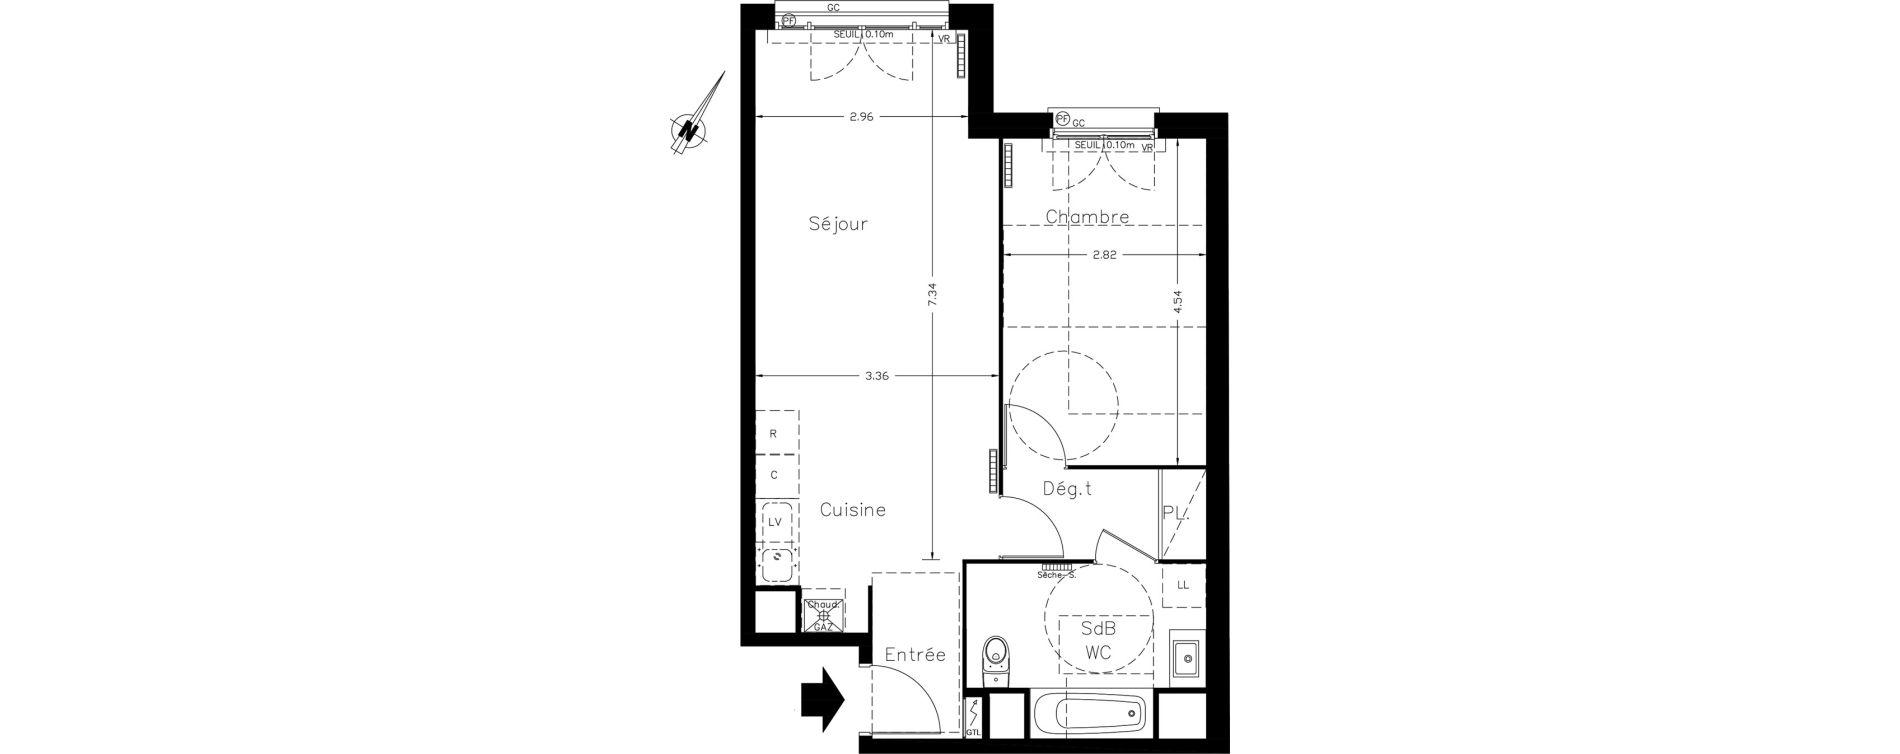 Appartement T2 de 51,38 m2 à Clamart Le petit clamart